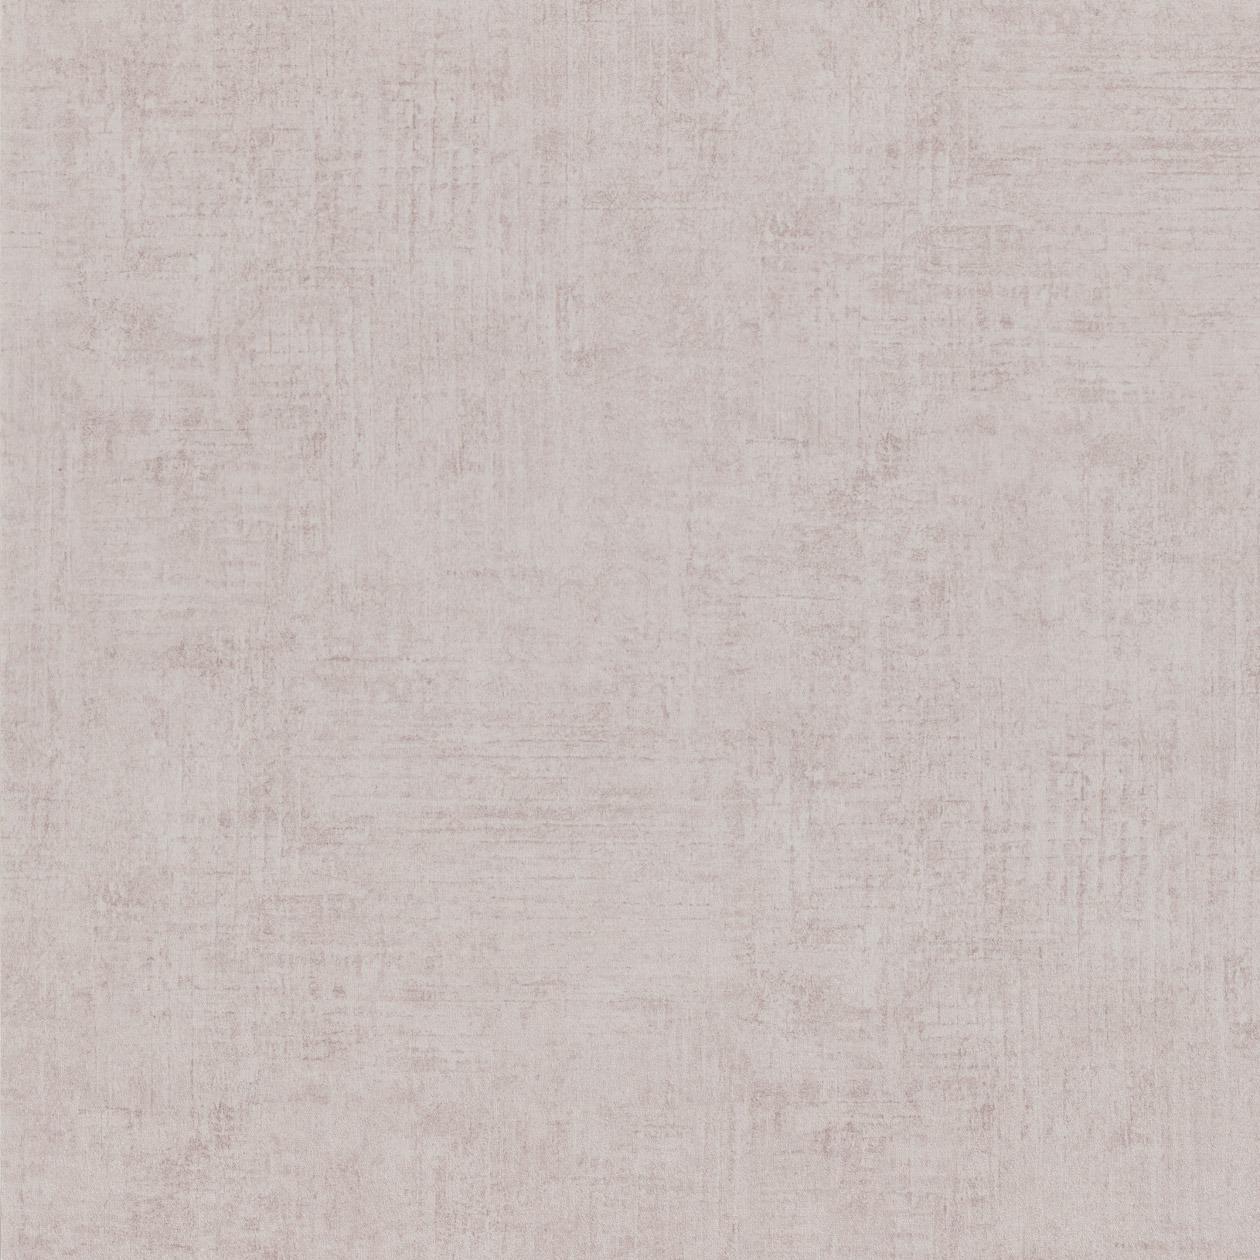 Французские обои Caselio,  коллекция Arty, артикулARY67031378